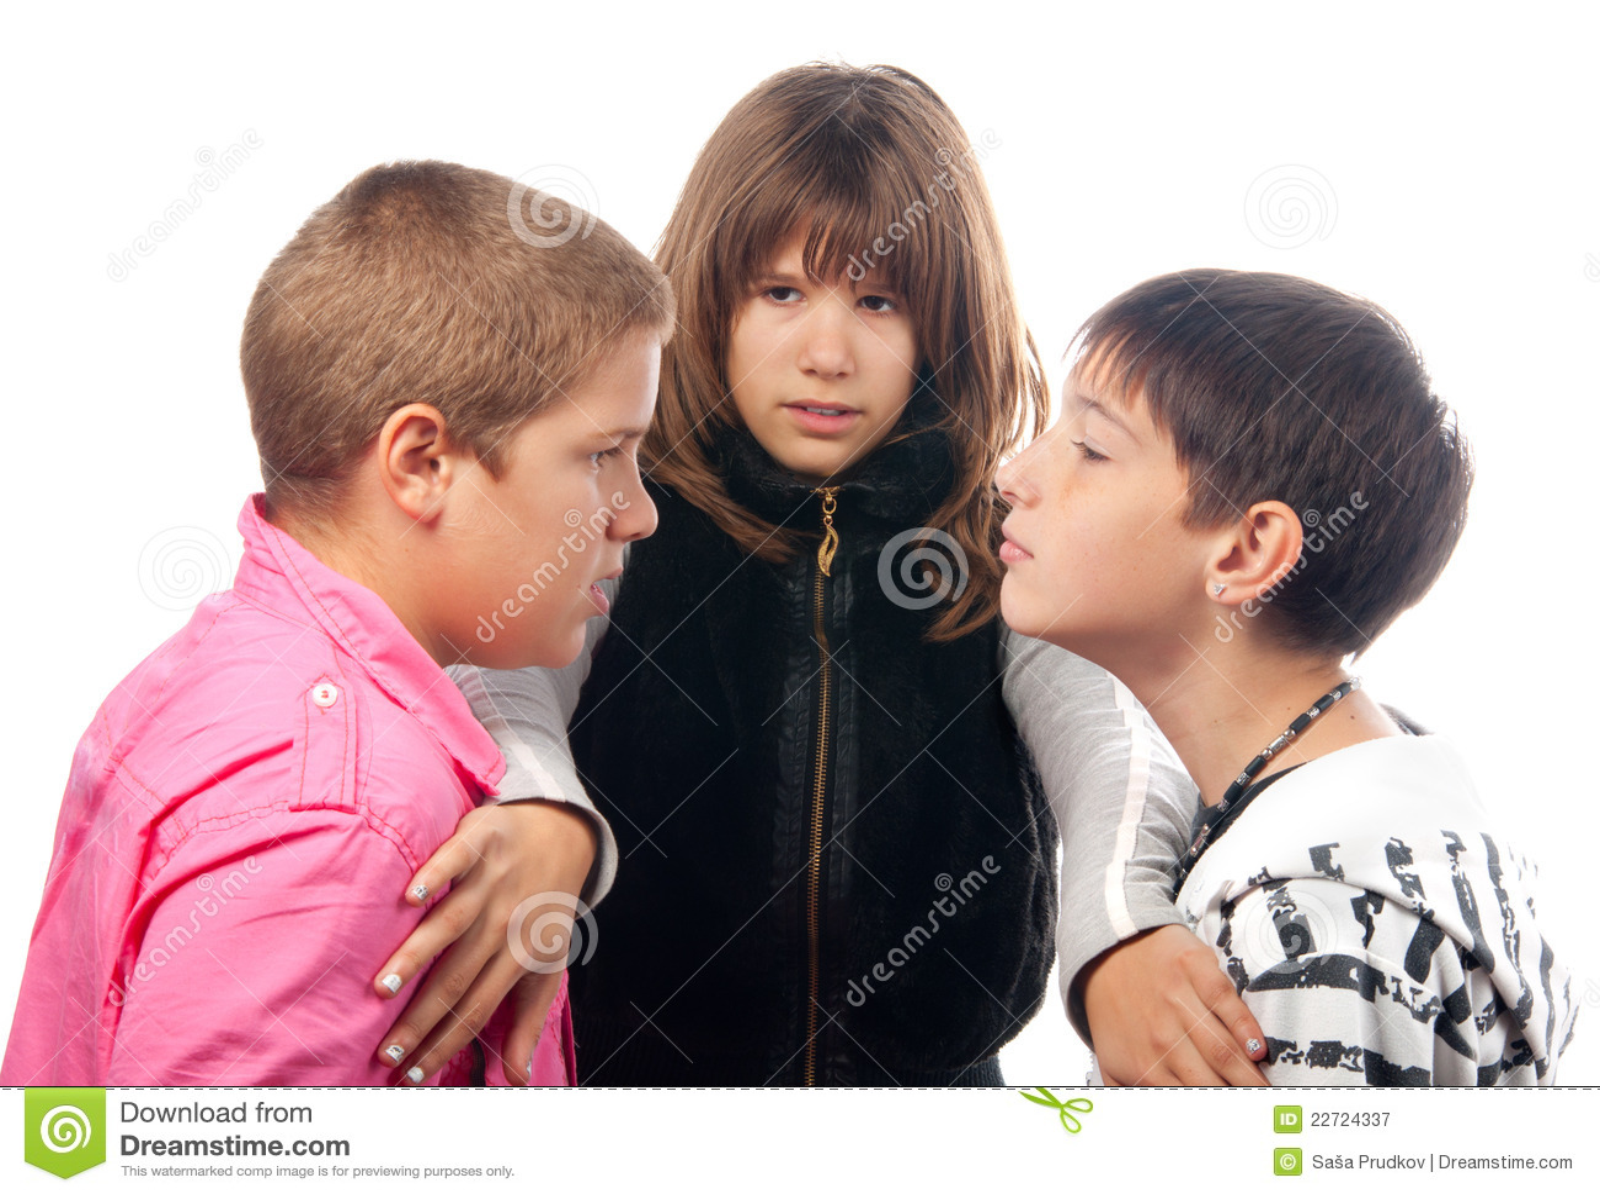 Adolescente Imgenes De Archivo, Vectores, Adolescente